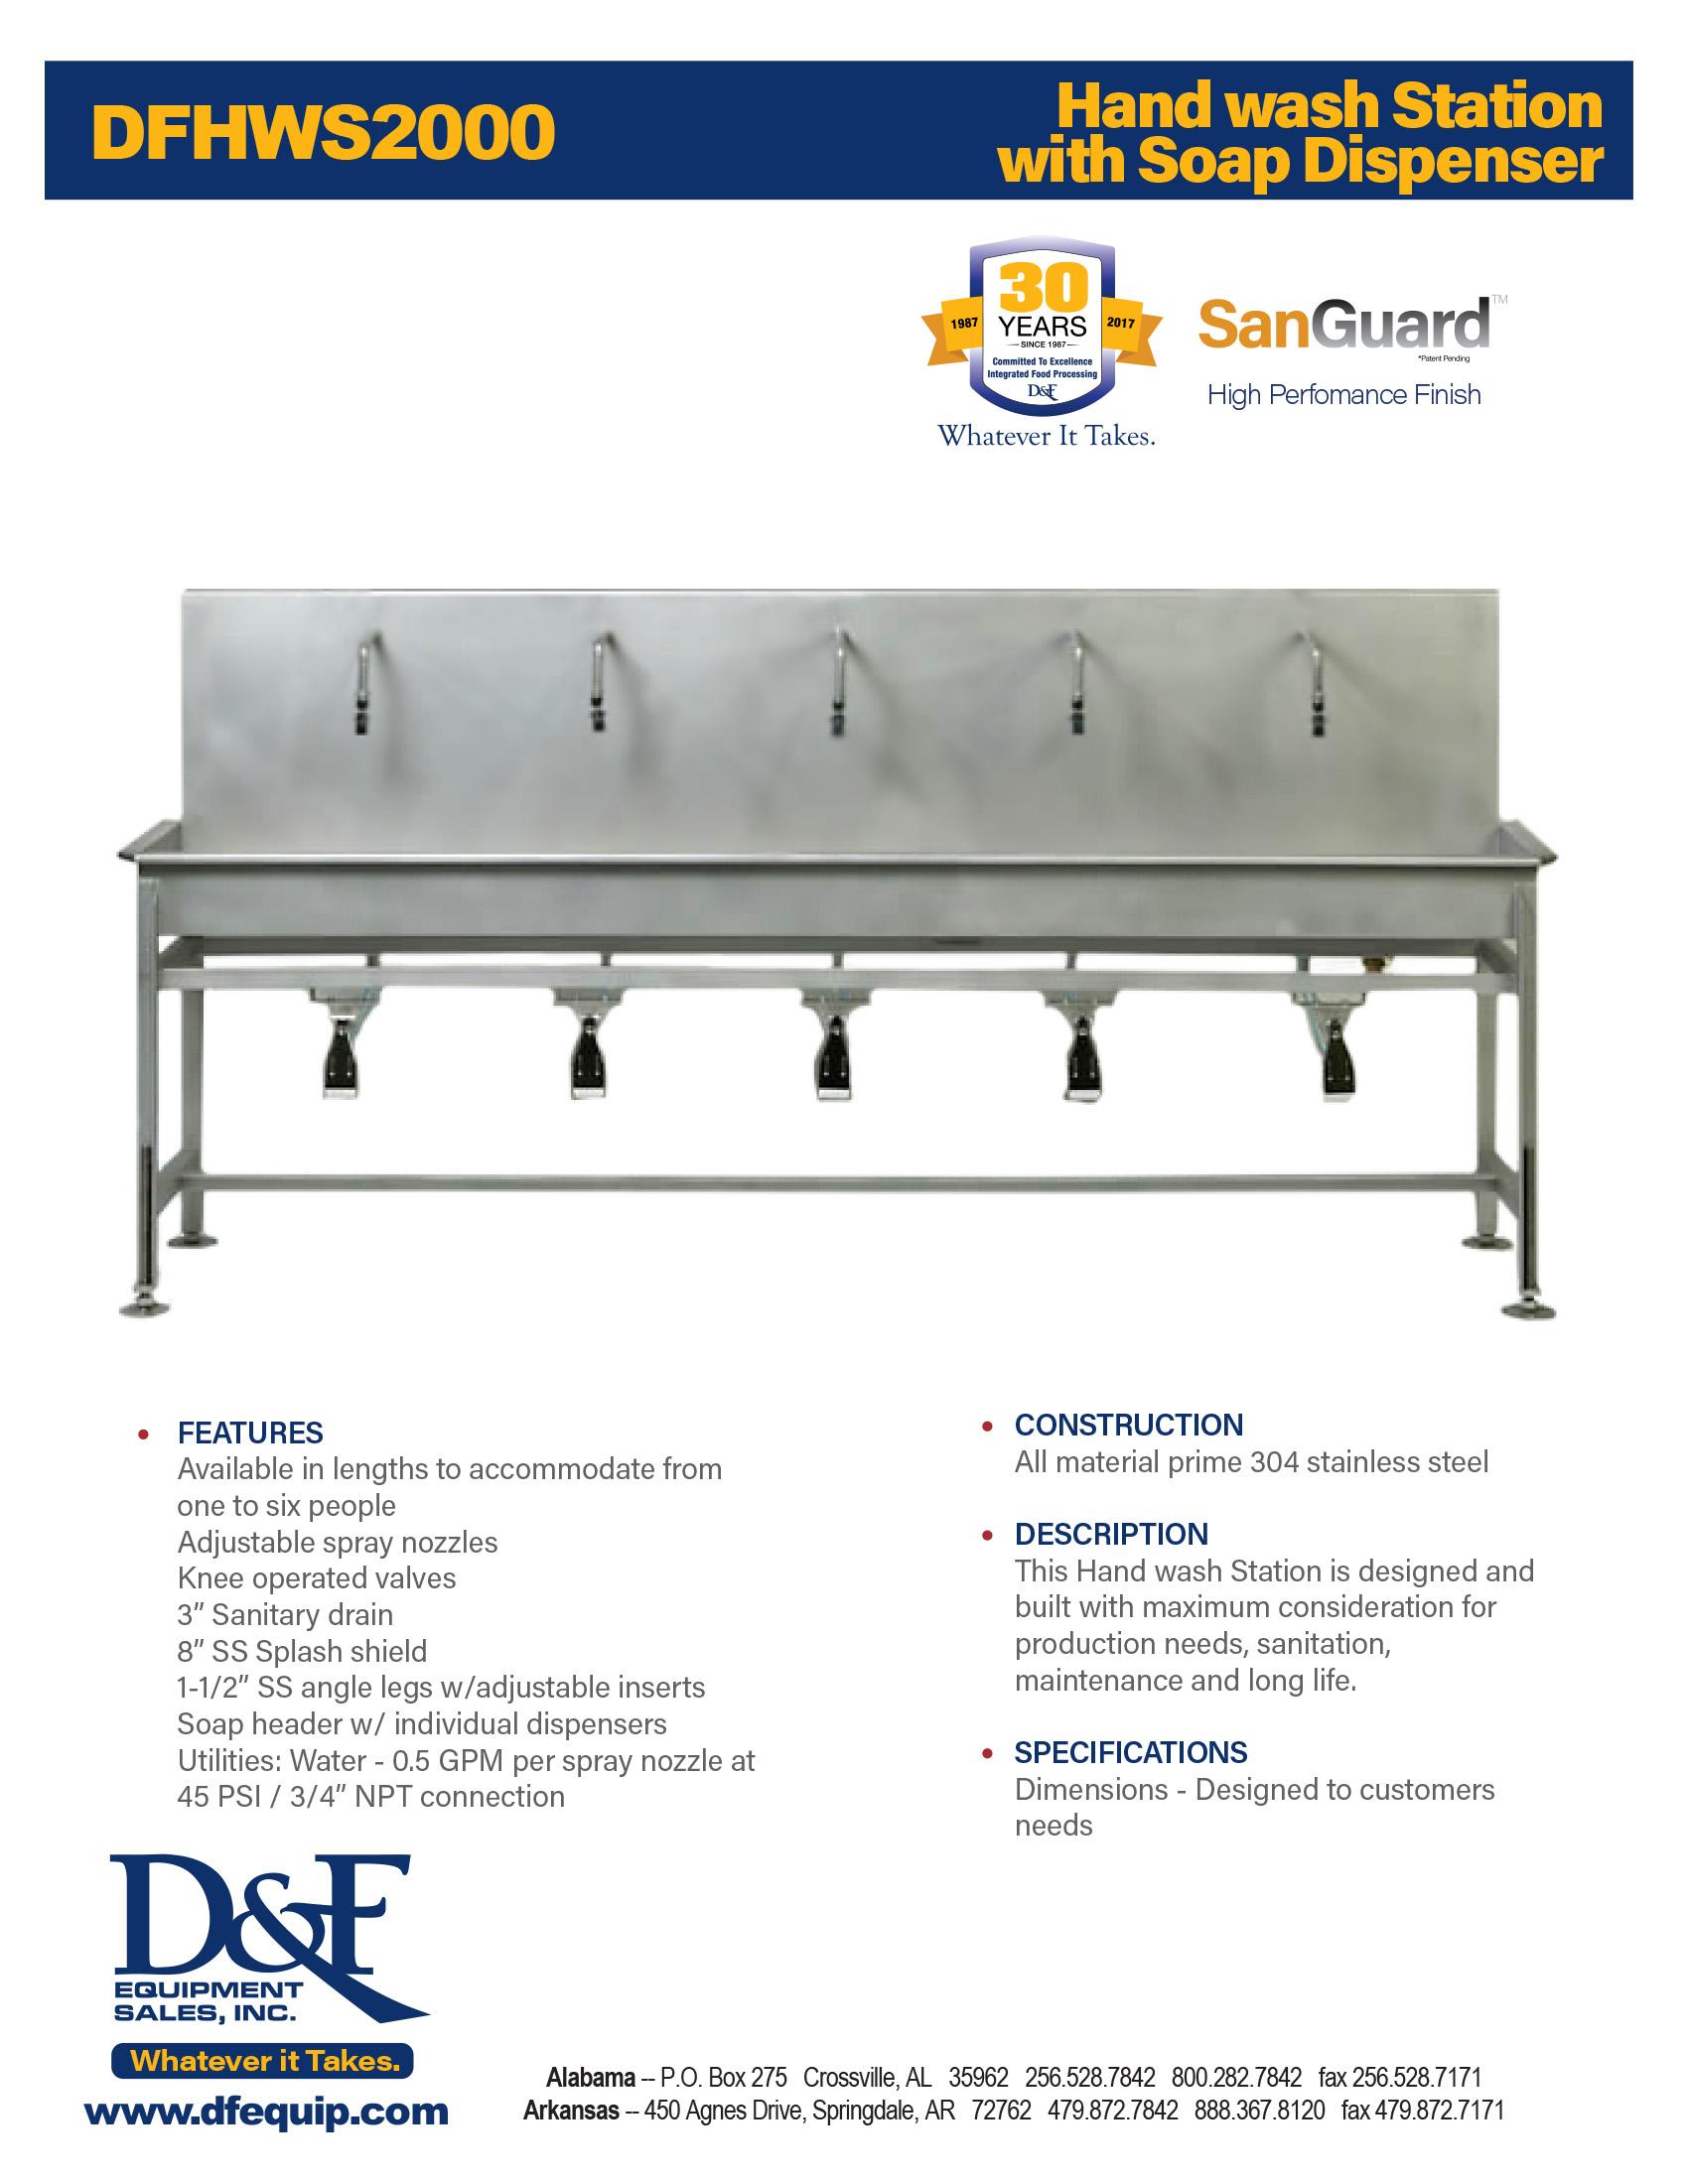 DFHWS2000-HandwashStation-w-SoapDispenser2017.jpg